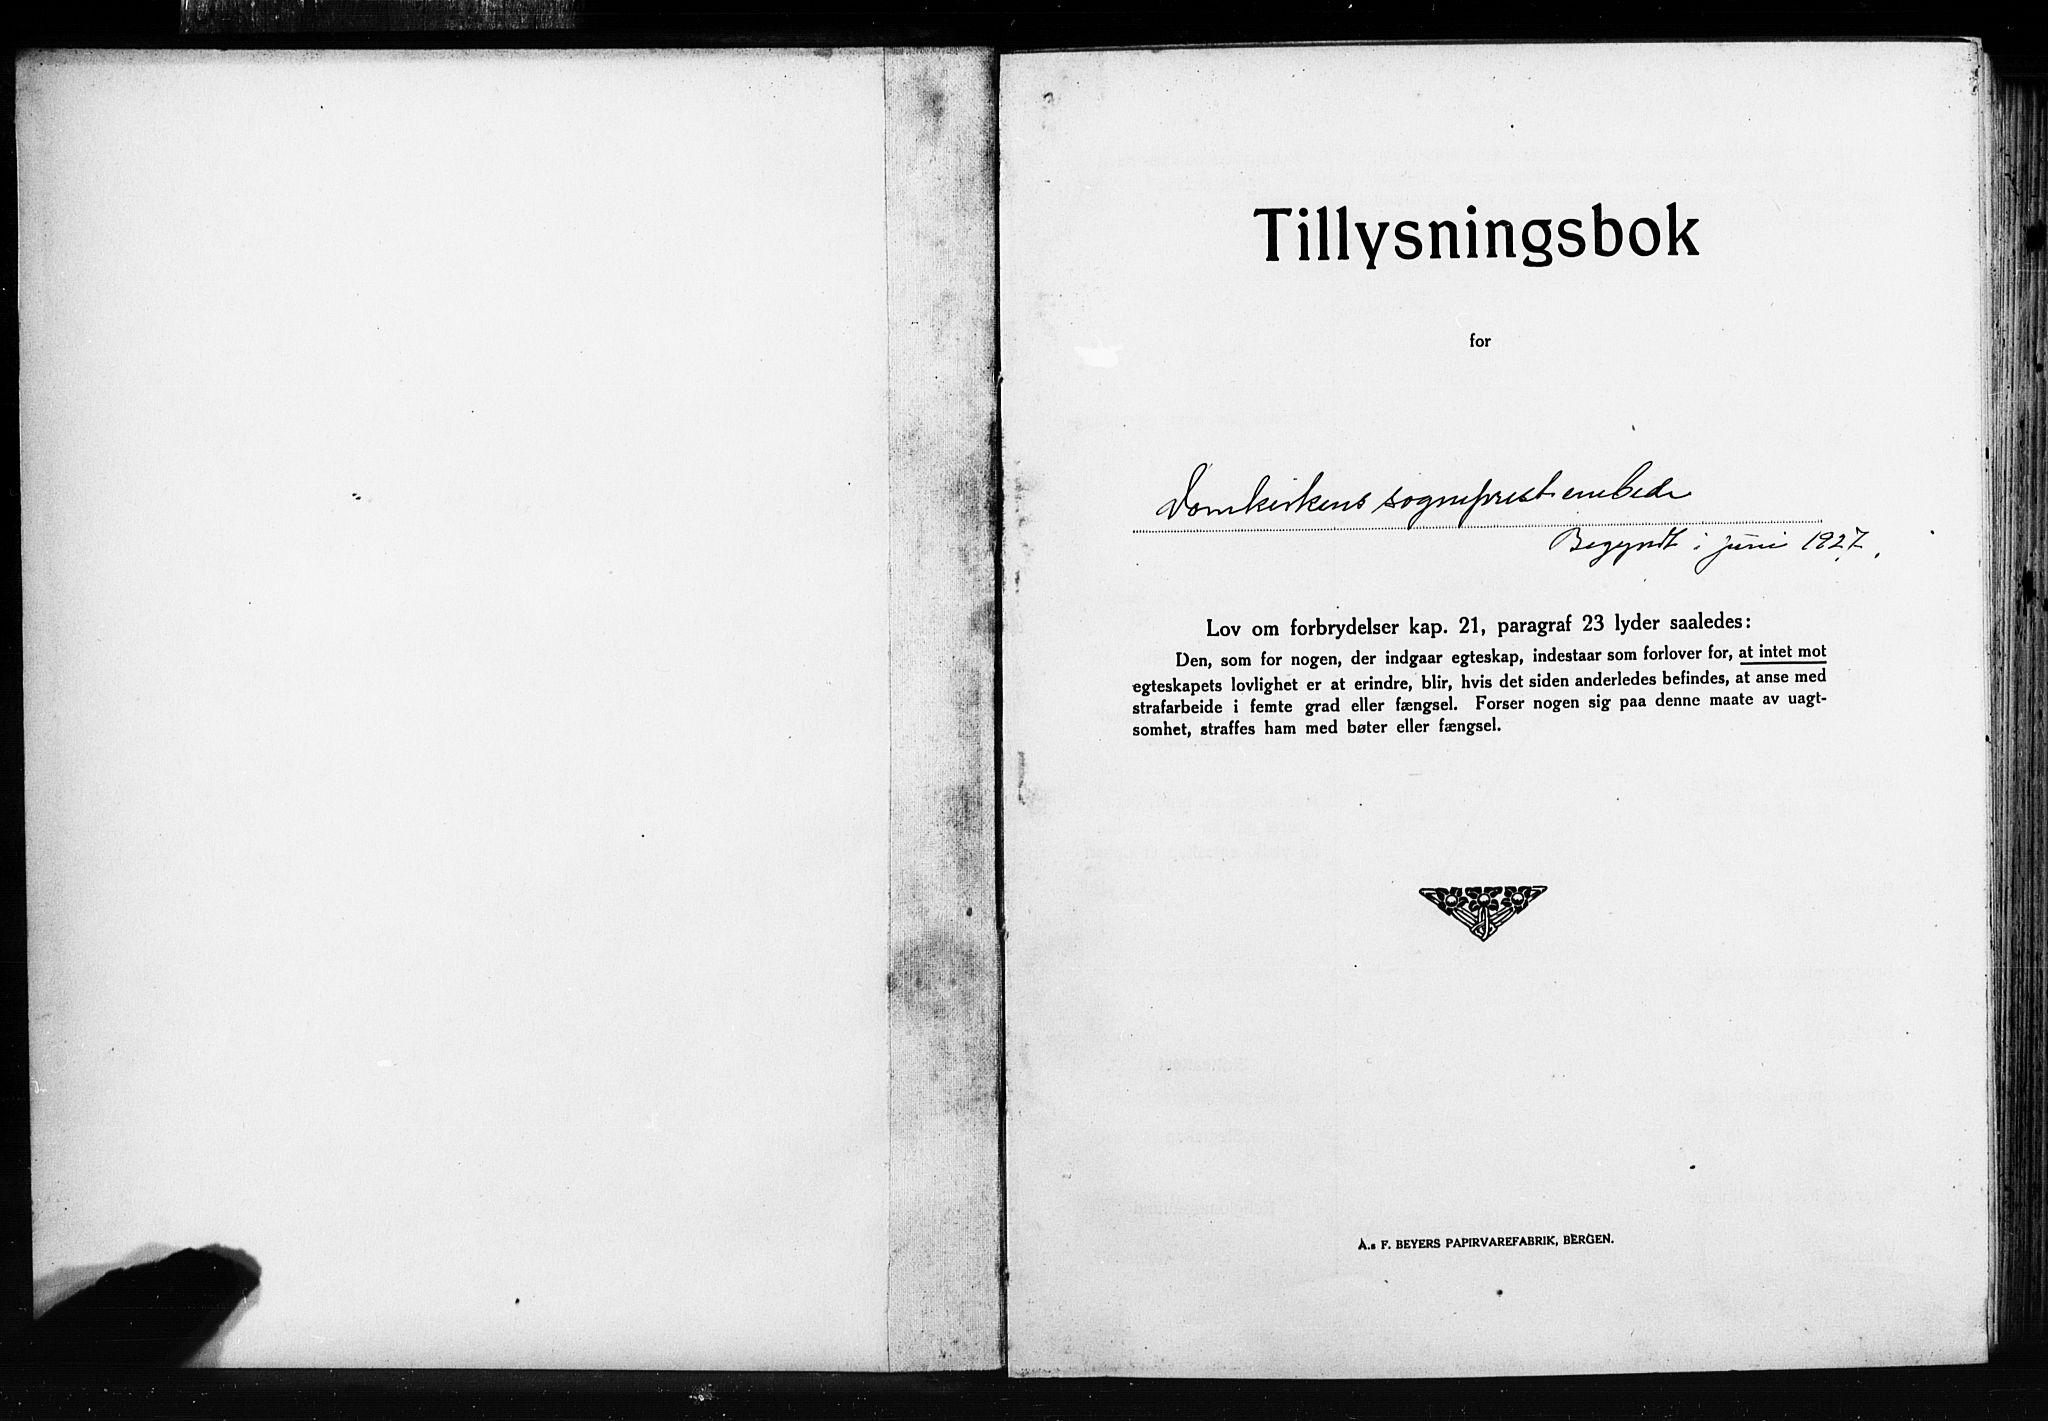 SAB, Domkirken Sokneprestembete, Forlovererklæringer nr. II.5.15, 1927-1932, s. 1